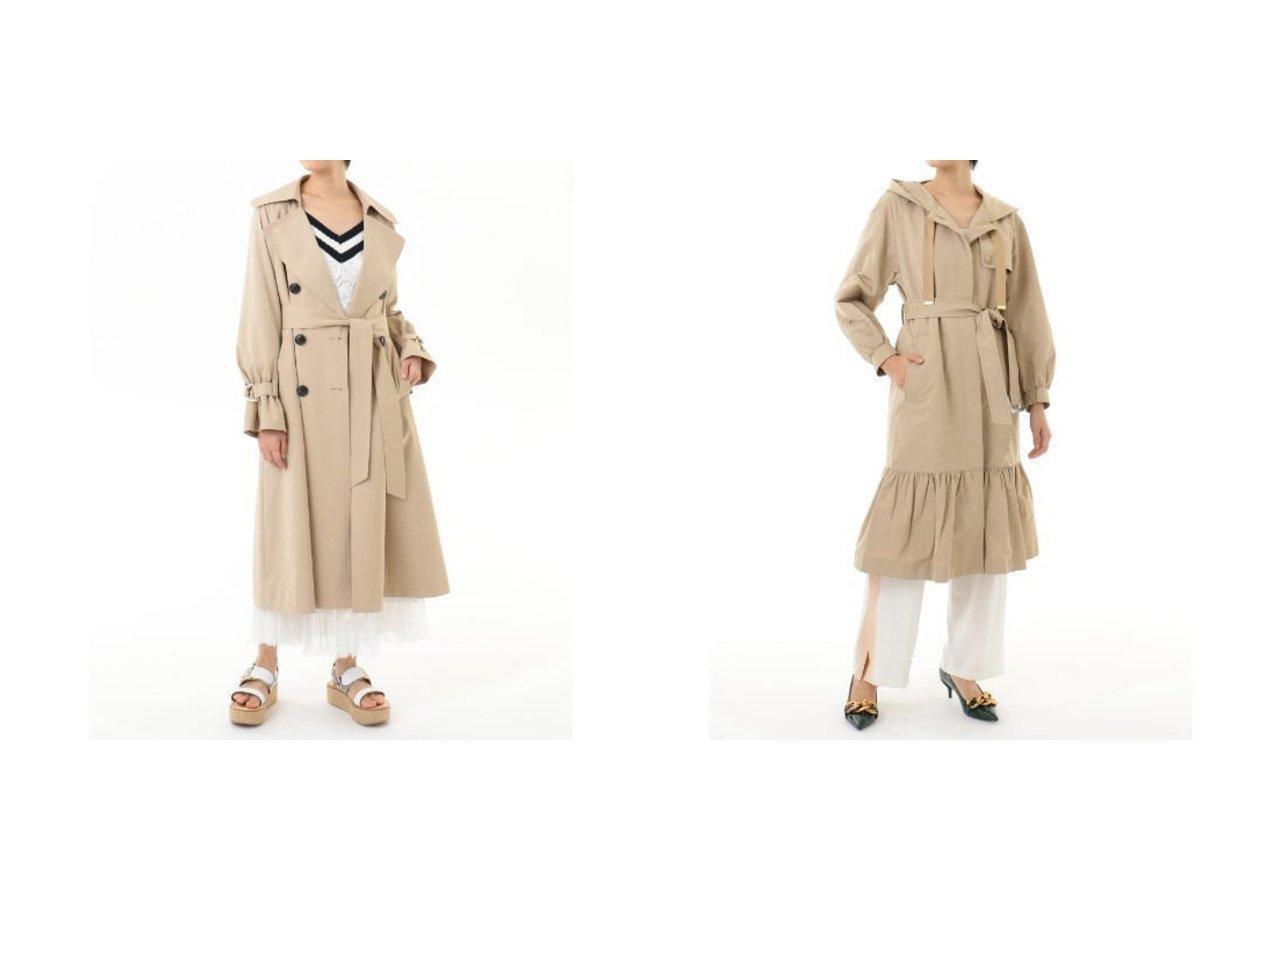 【GRACE CONTINENTAL/グレース コンチネンタル】のドレープトレンチコート&グログランフードコート グレース コンチネンタルのおすすめ!人気、トレンド・レディースファッションの通販 おすすめで人気の流行・トレンド、ファッションの通販商品 メンズファッション・キッズファッション・インテリア・家具・レディースファッション・服の通販 founy(ファニー) https://founy.com/ ファッション Fashion レディースファッション WOMEN アウター Coat Outerwear コート Coats ジャケット Jackets トレンチコート Trench Coats ジャケット ティアード パターン フェミニン ギャザー ドレープ ロング 定番 Standard 春 Spring |ID:crp329100000022031